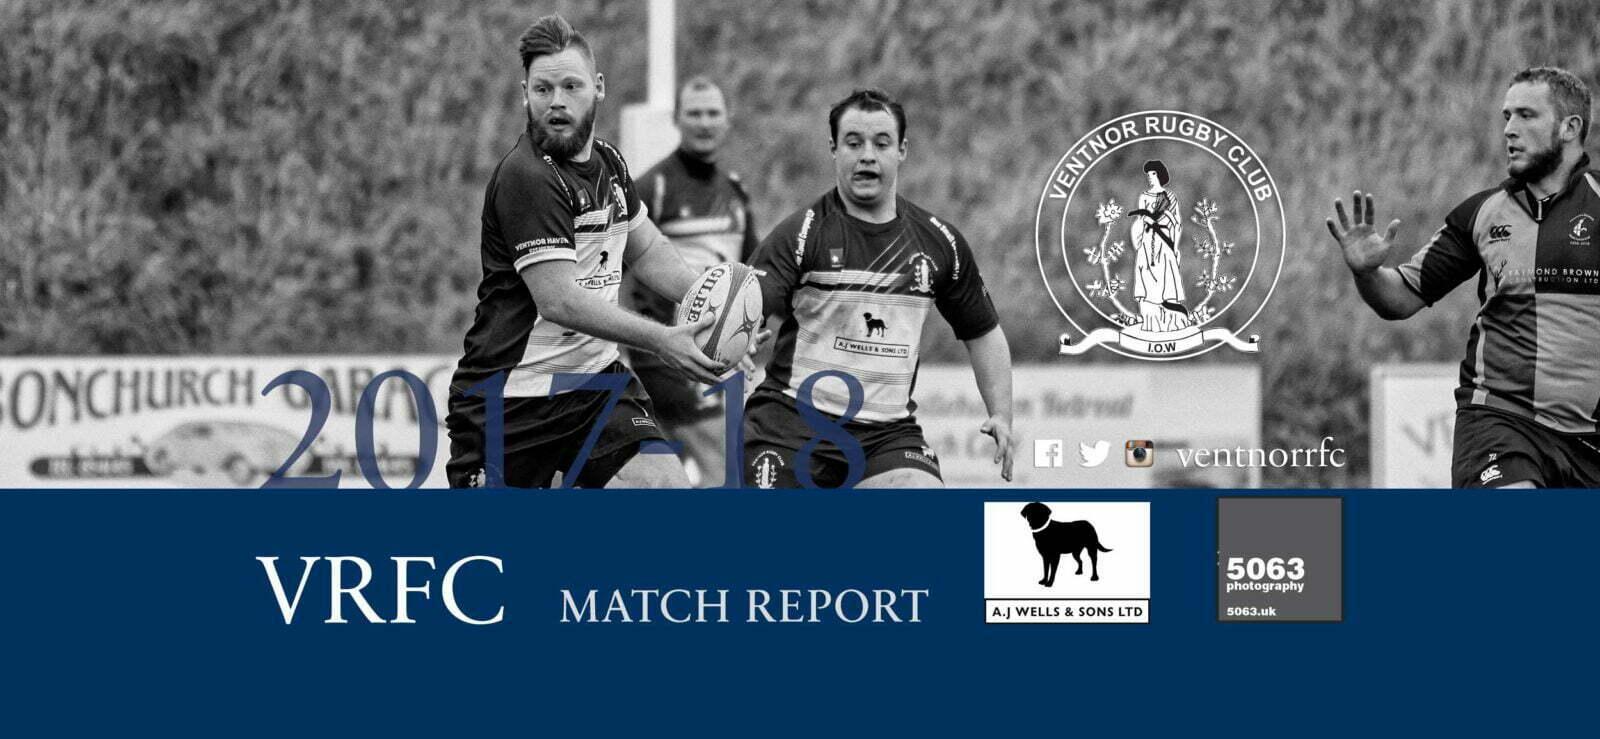 match-report-Ventnor-1st-XV-v-Ellingham-and-Ringwood-1st-XV-07102017